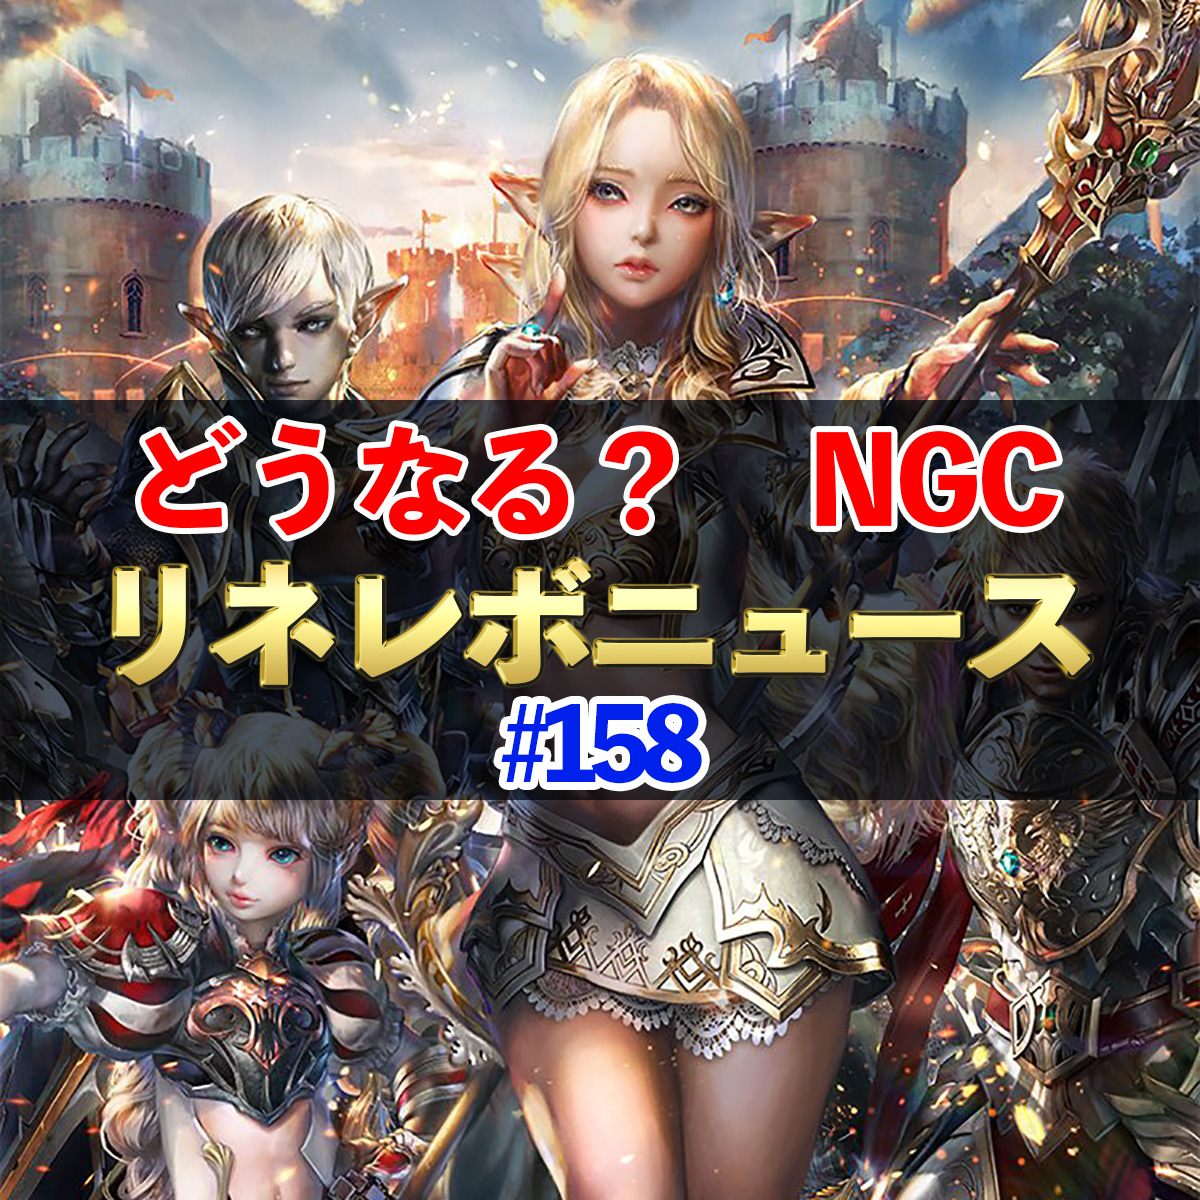 【リネレボ】どうなる? NGC #158